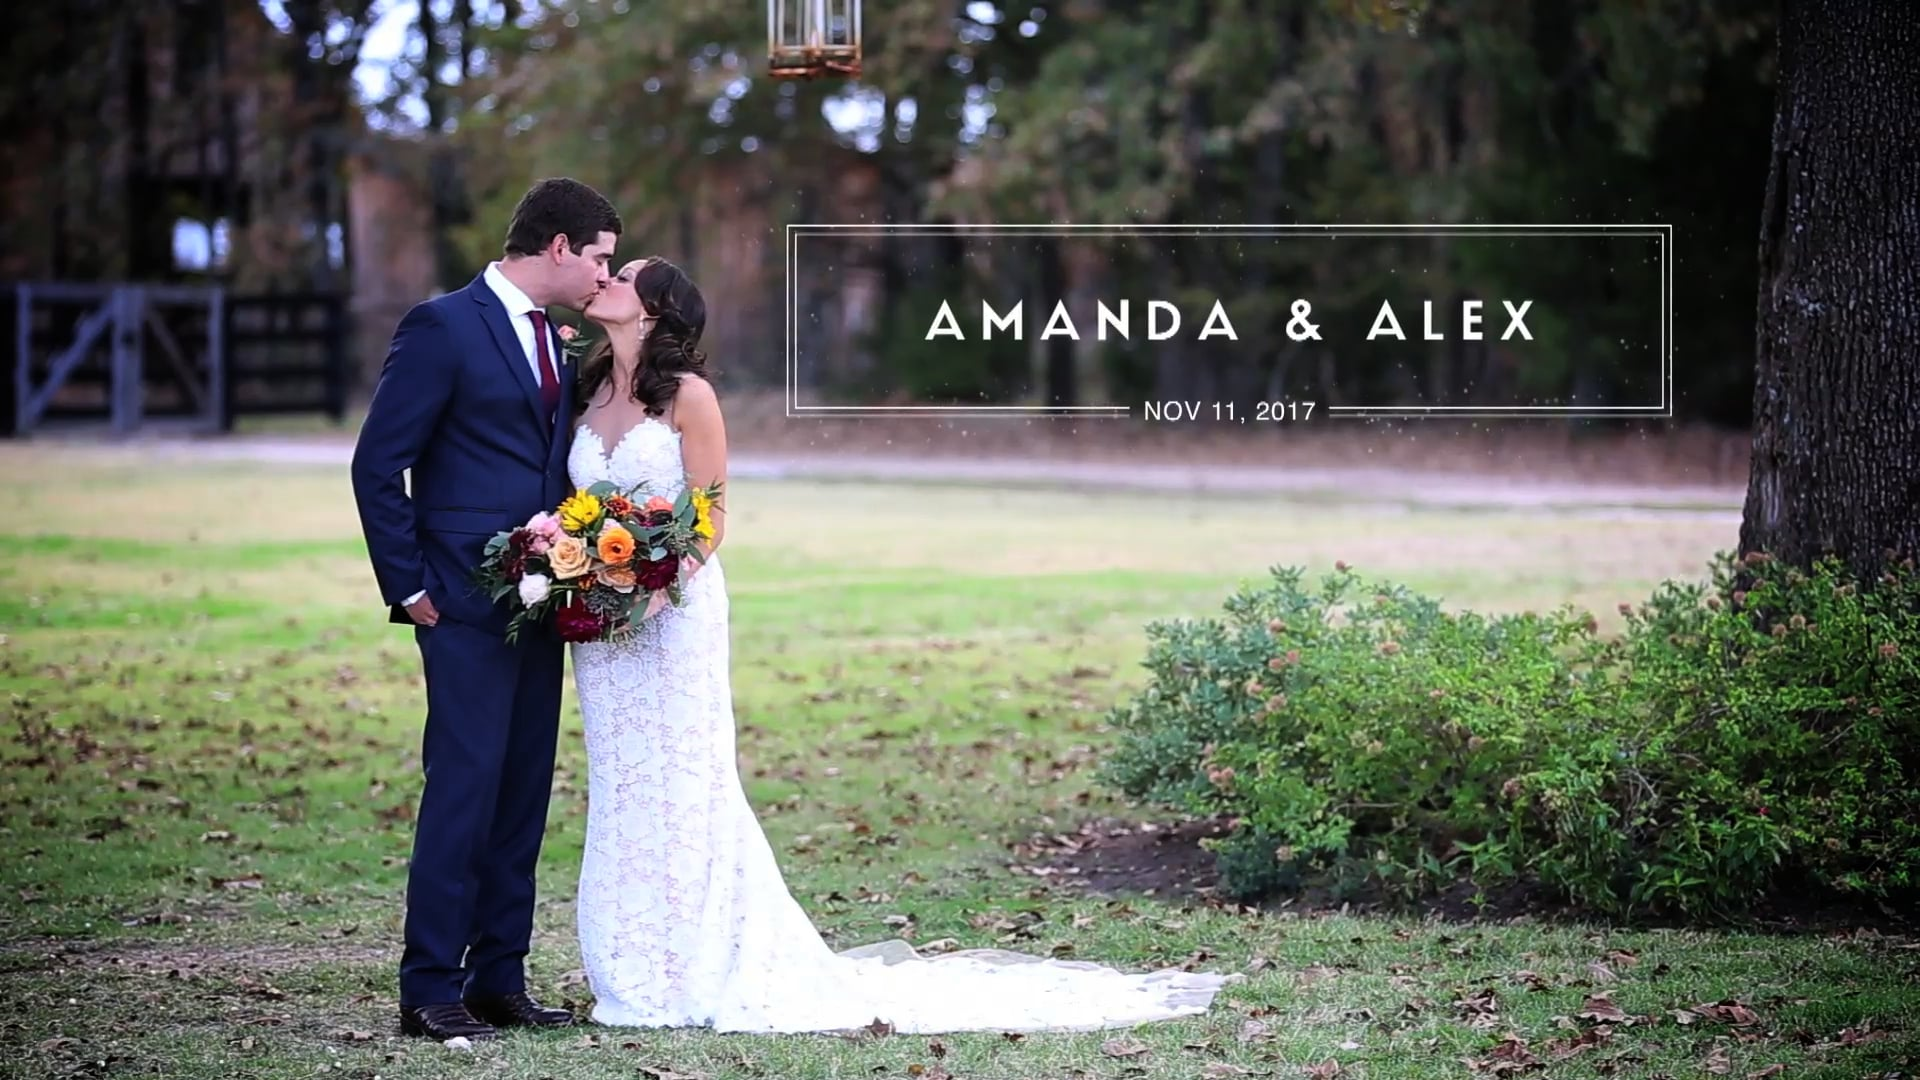 Amanda & Alex.jpg